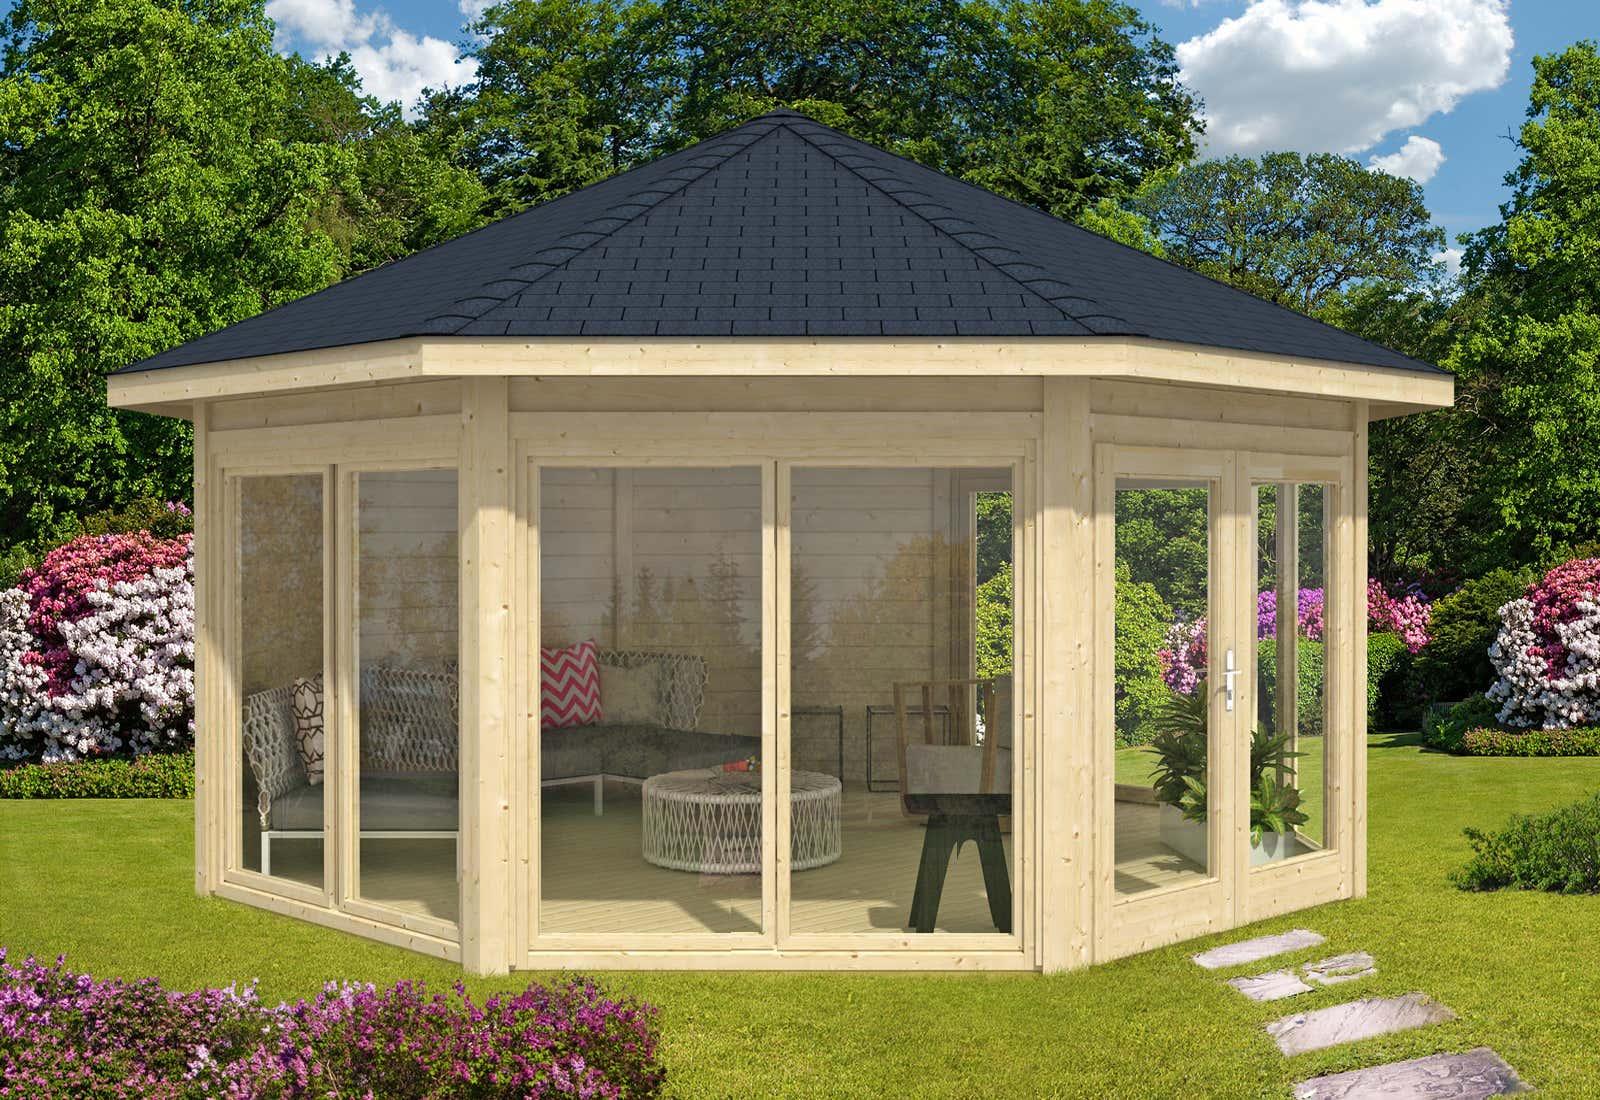 Gartenpavillon aus holz kaufen gartenlauben vom fachmann - Gartenpavillon aus holz selber bauen ...